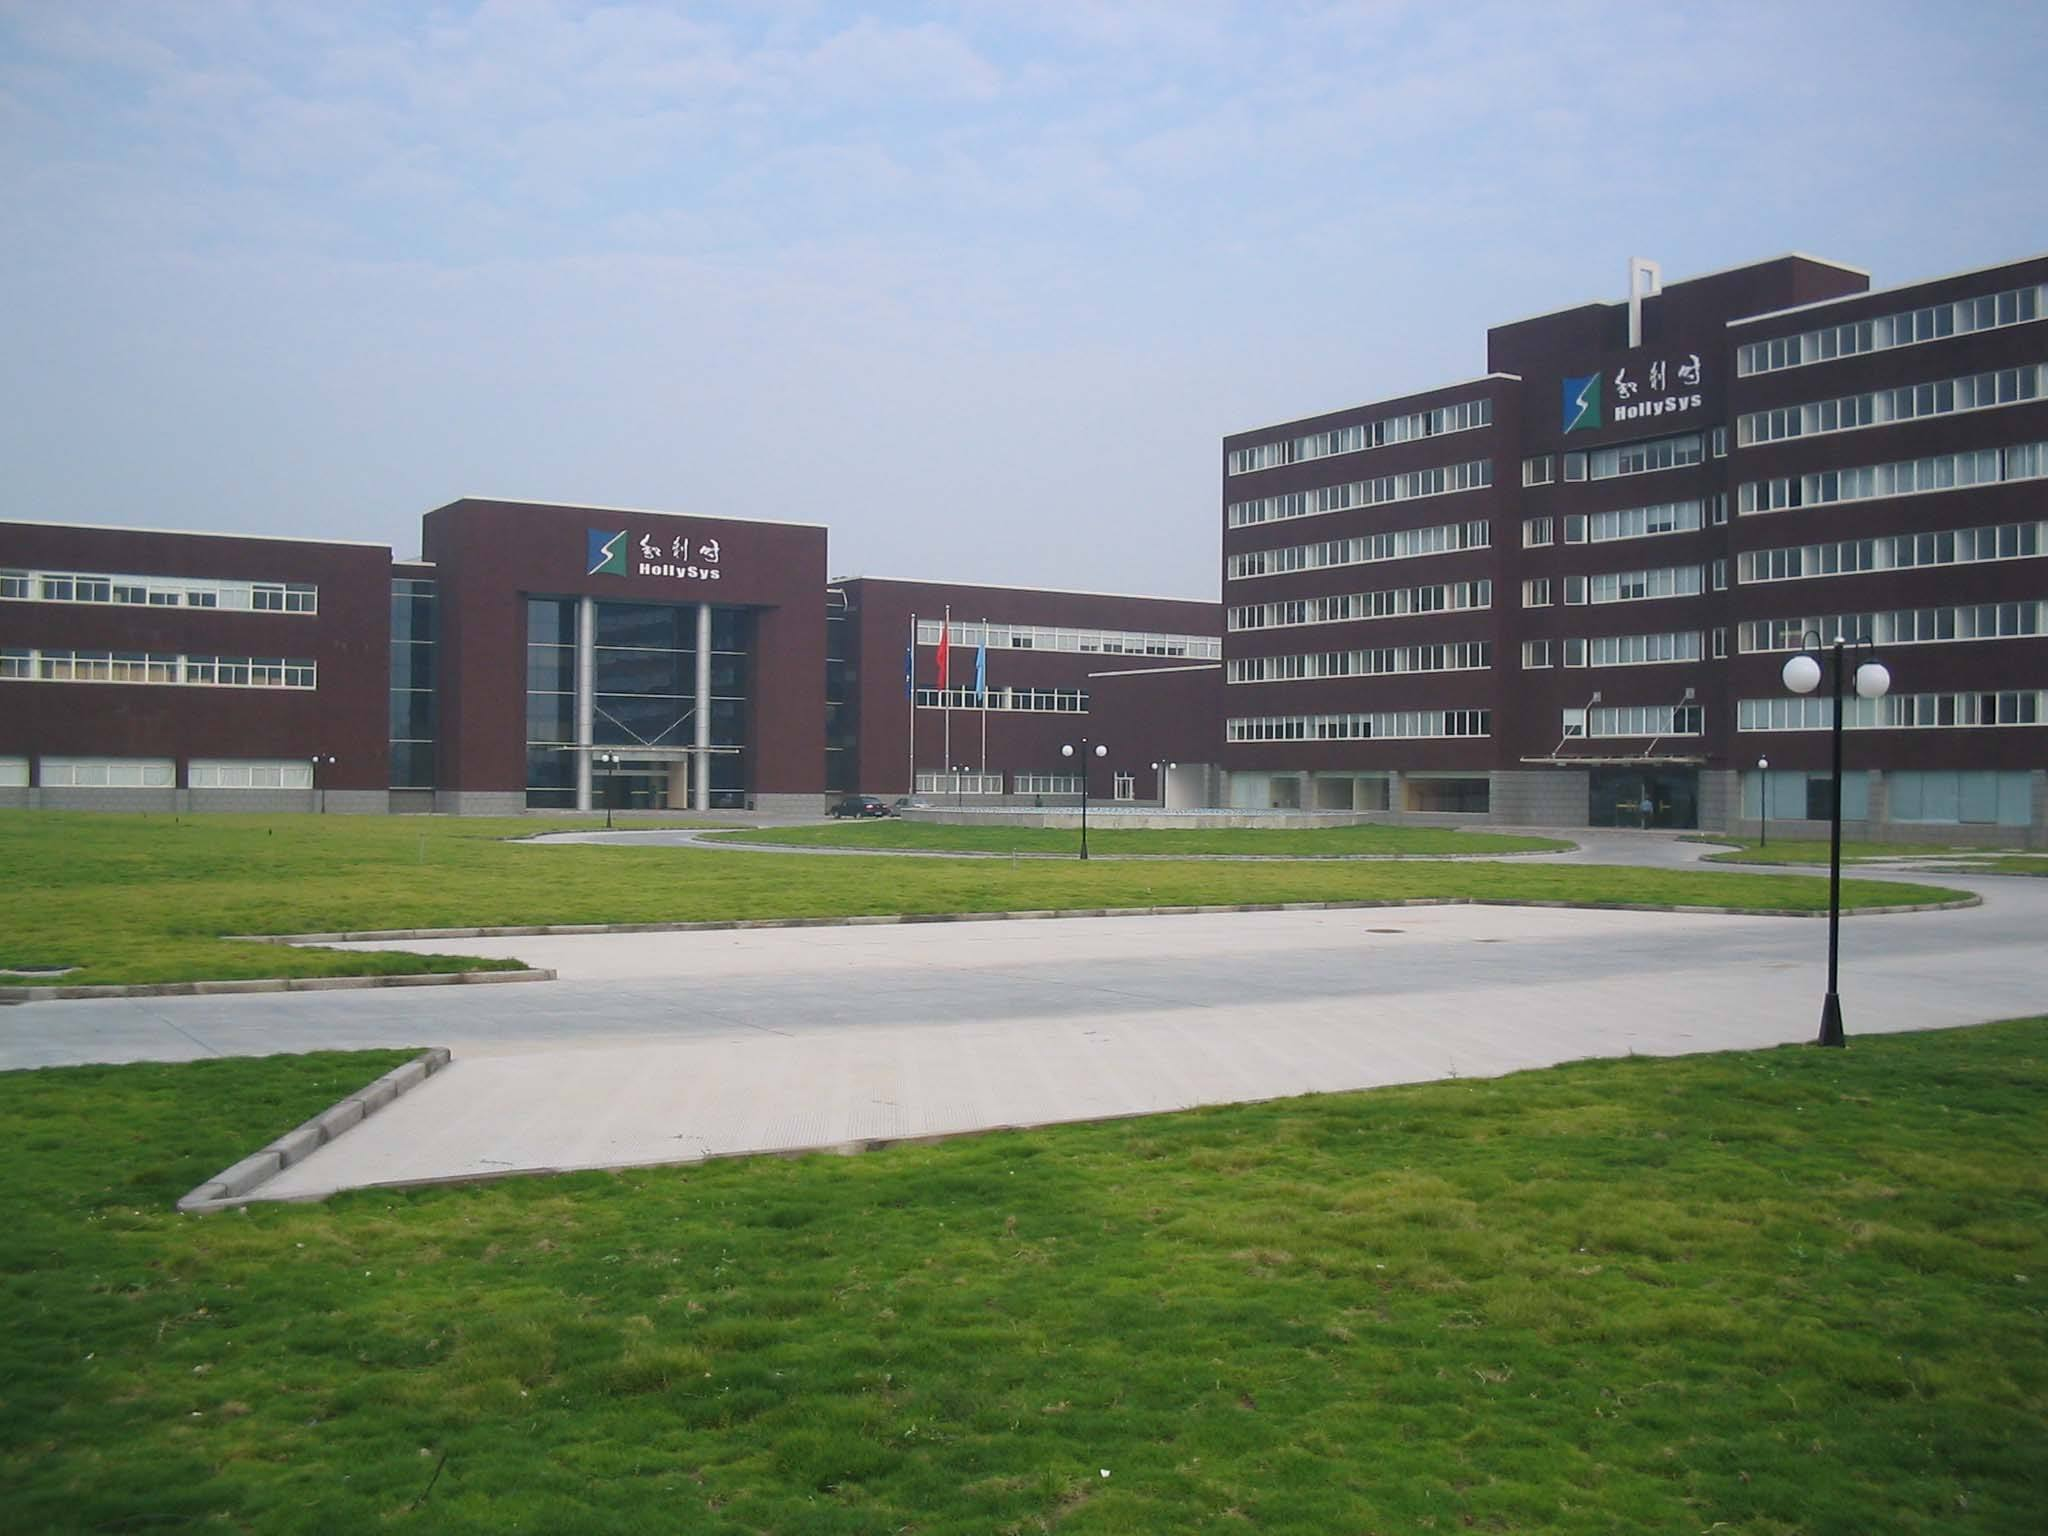 和利时2020财年第二财季营收1.70亿美元